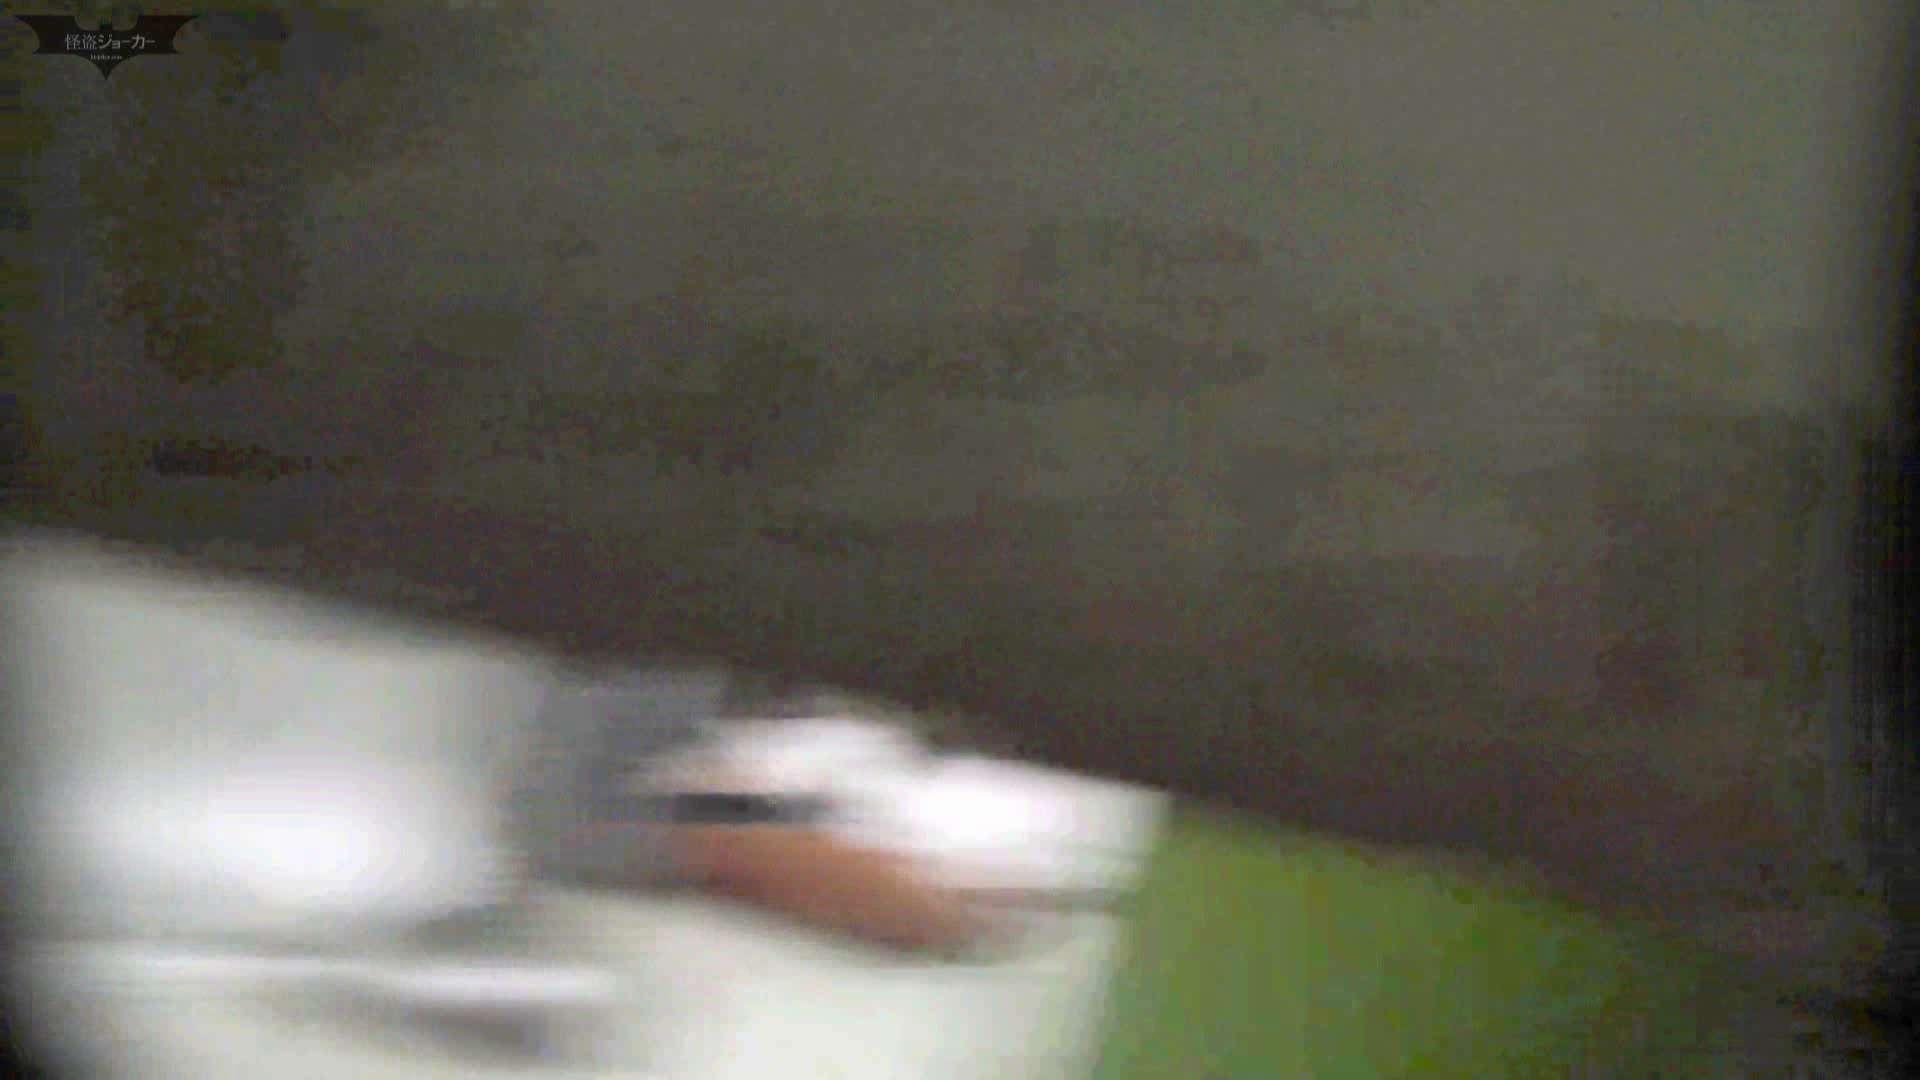 【潜入トイレ盗撮】洗面所特攻隊 vol.70 極上品の連続、歌いながら美女入室 トイレのぞき すけべAV動画紹介 97画像 9